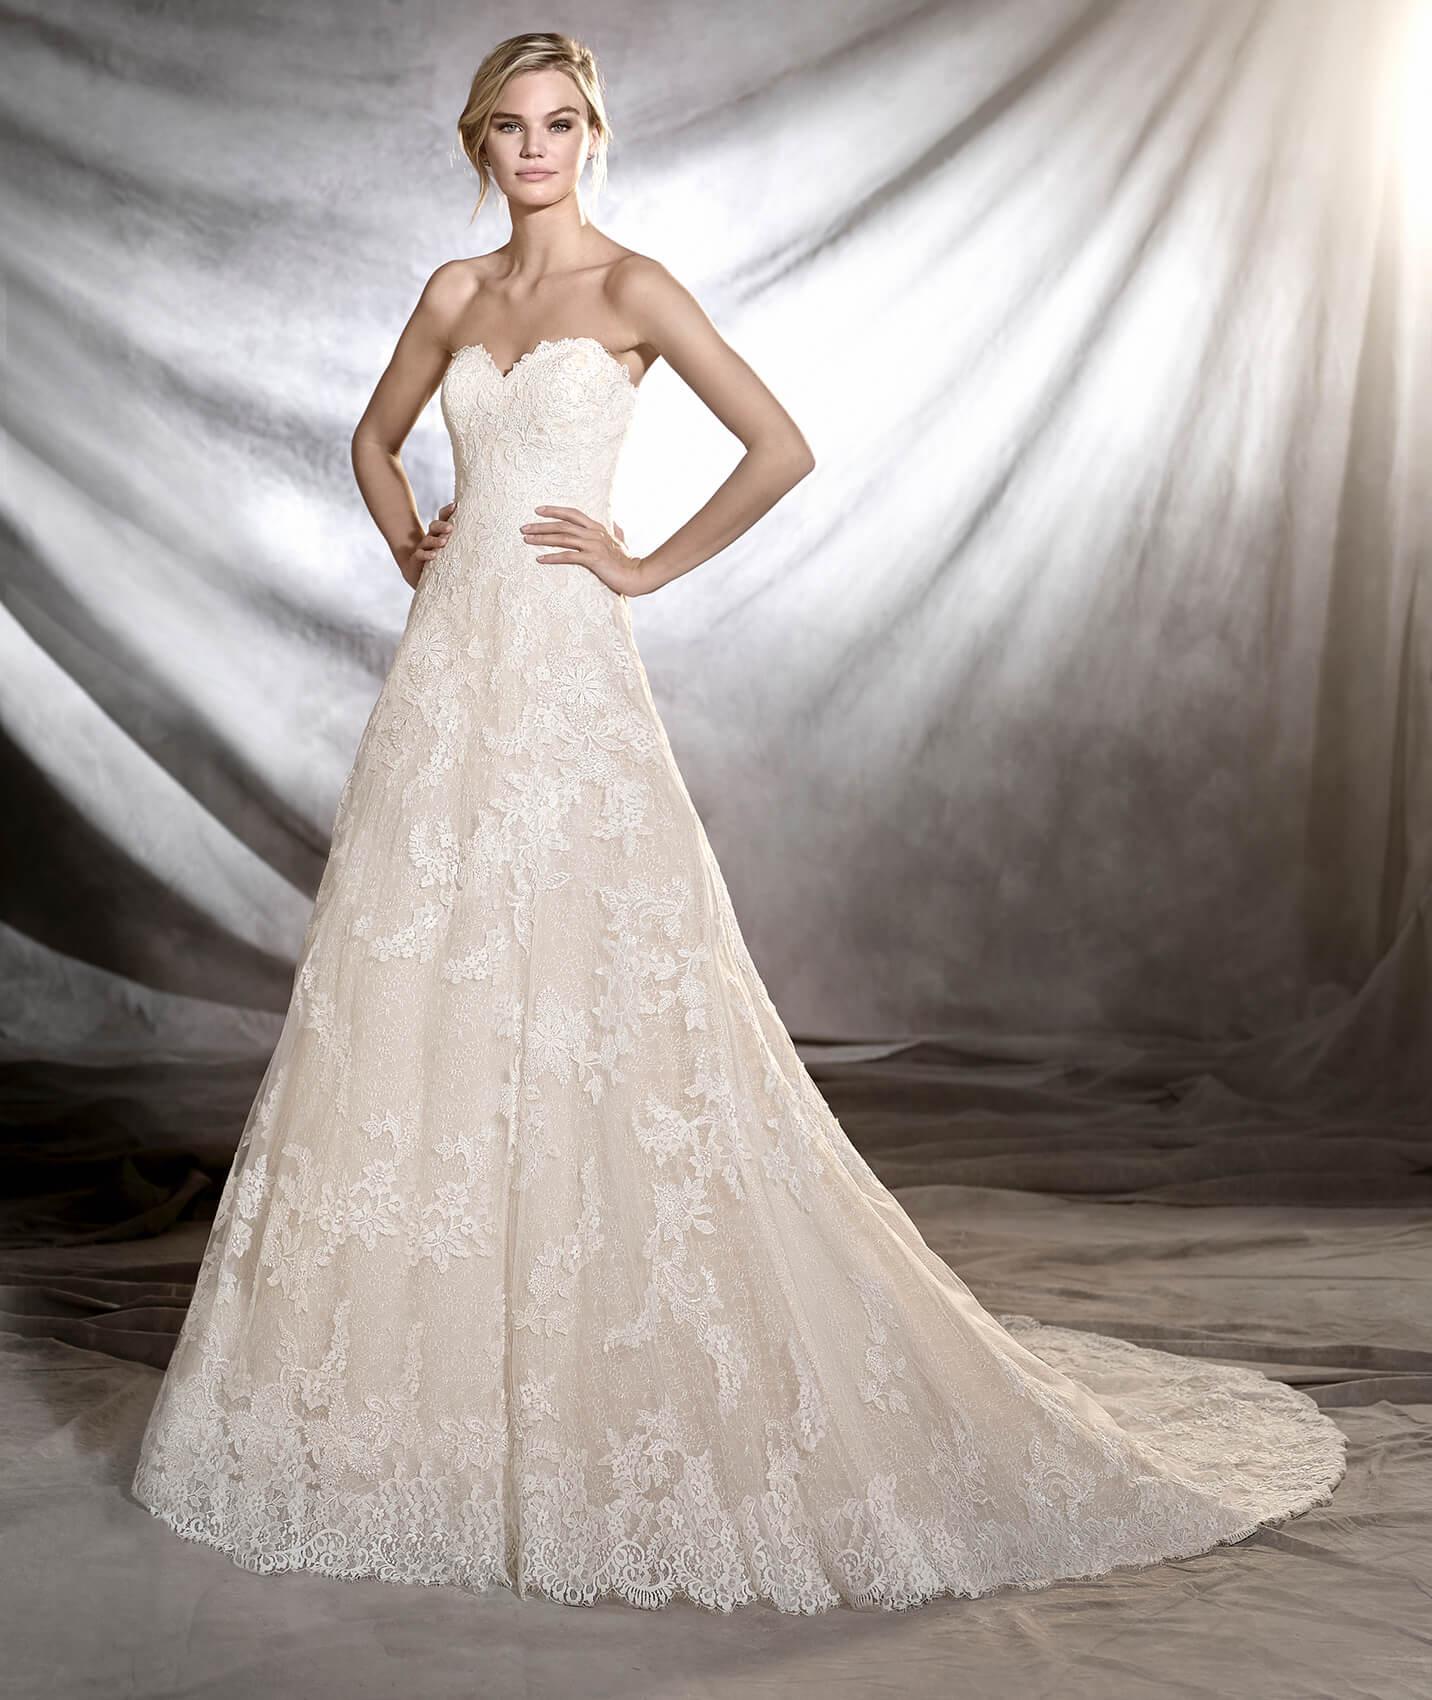 Onia vestuvinė suknelė